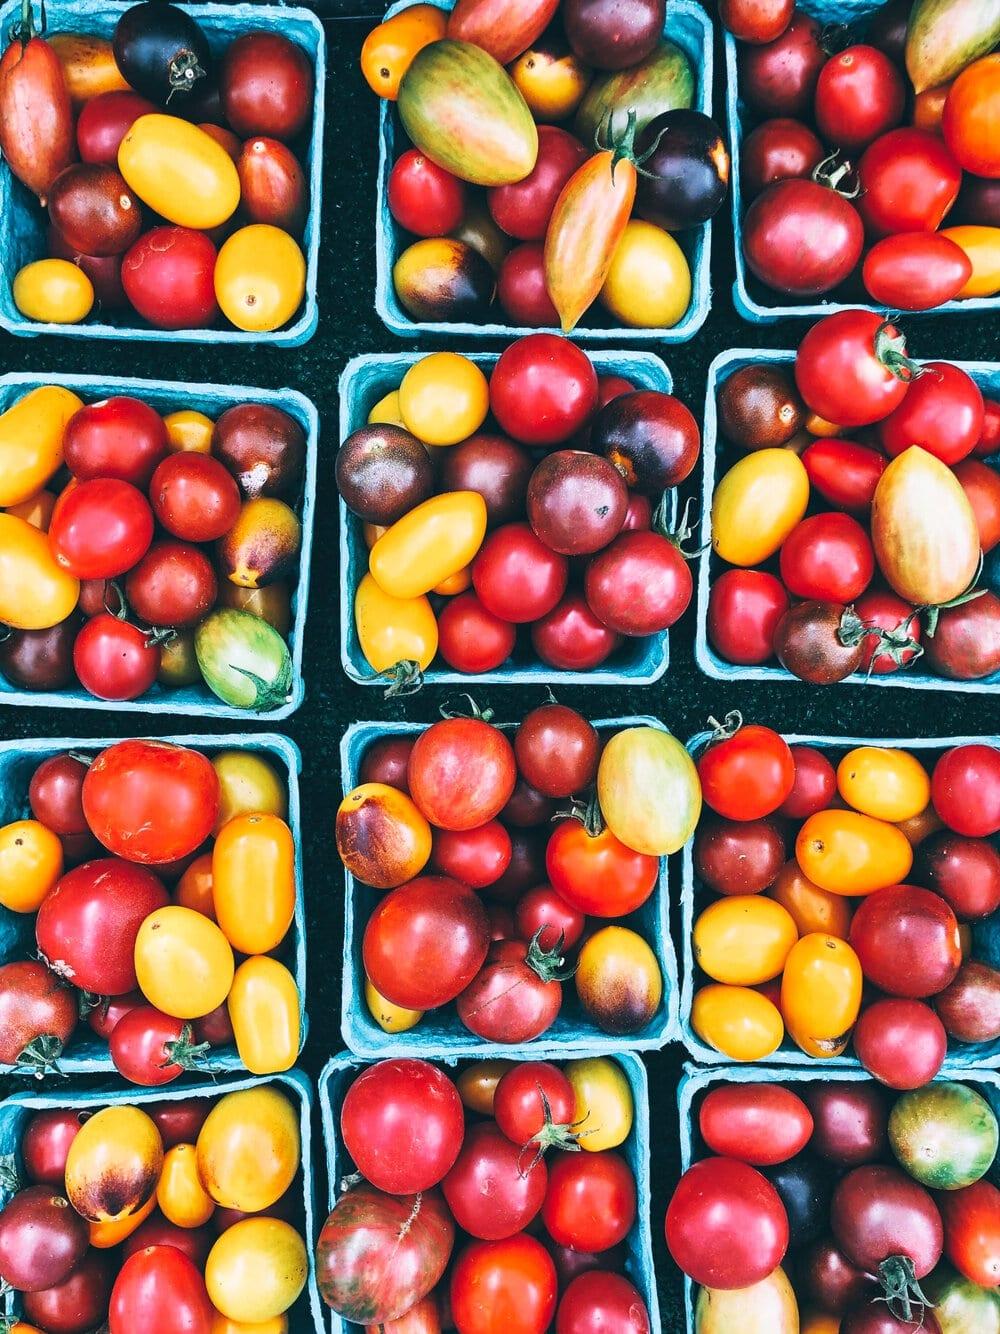 summer produce photos (4 of 10).jpg